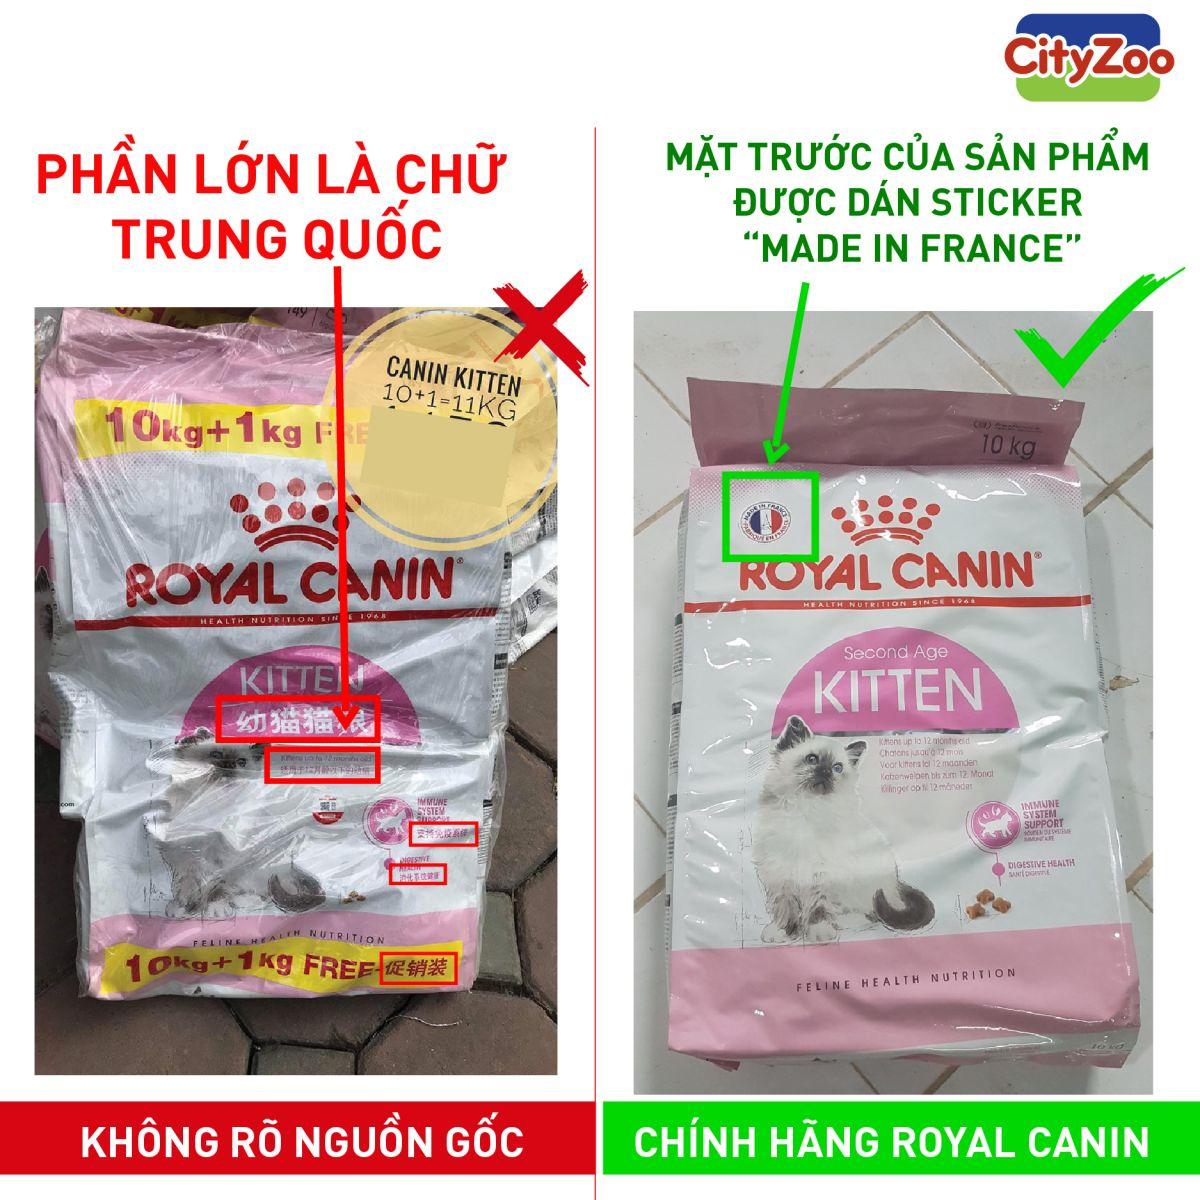 royal-canin-chinh-hang-va-khong-ro-nguon-goc